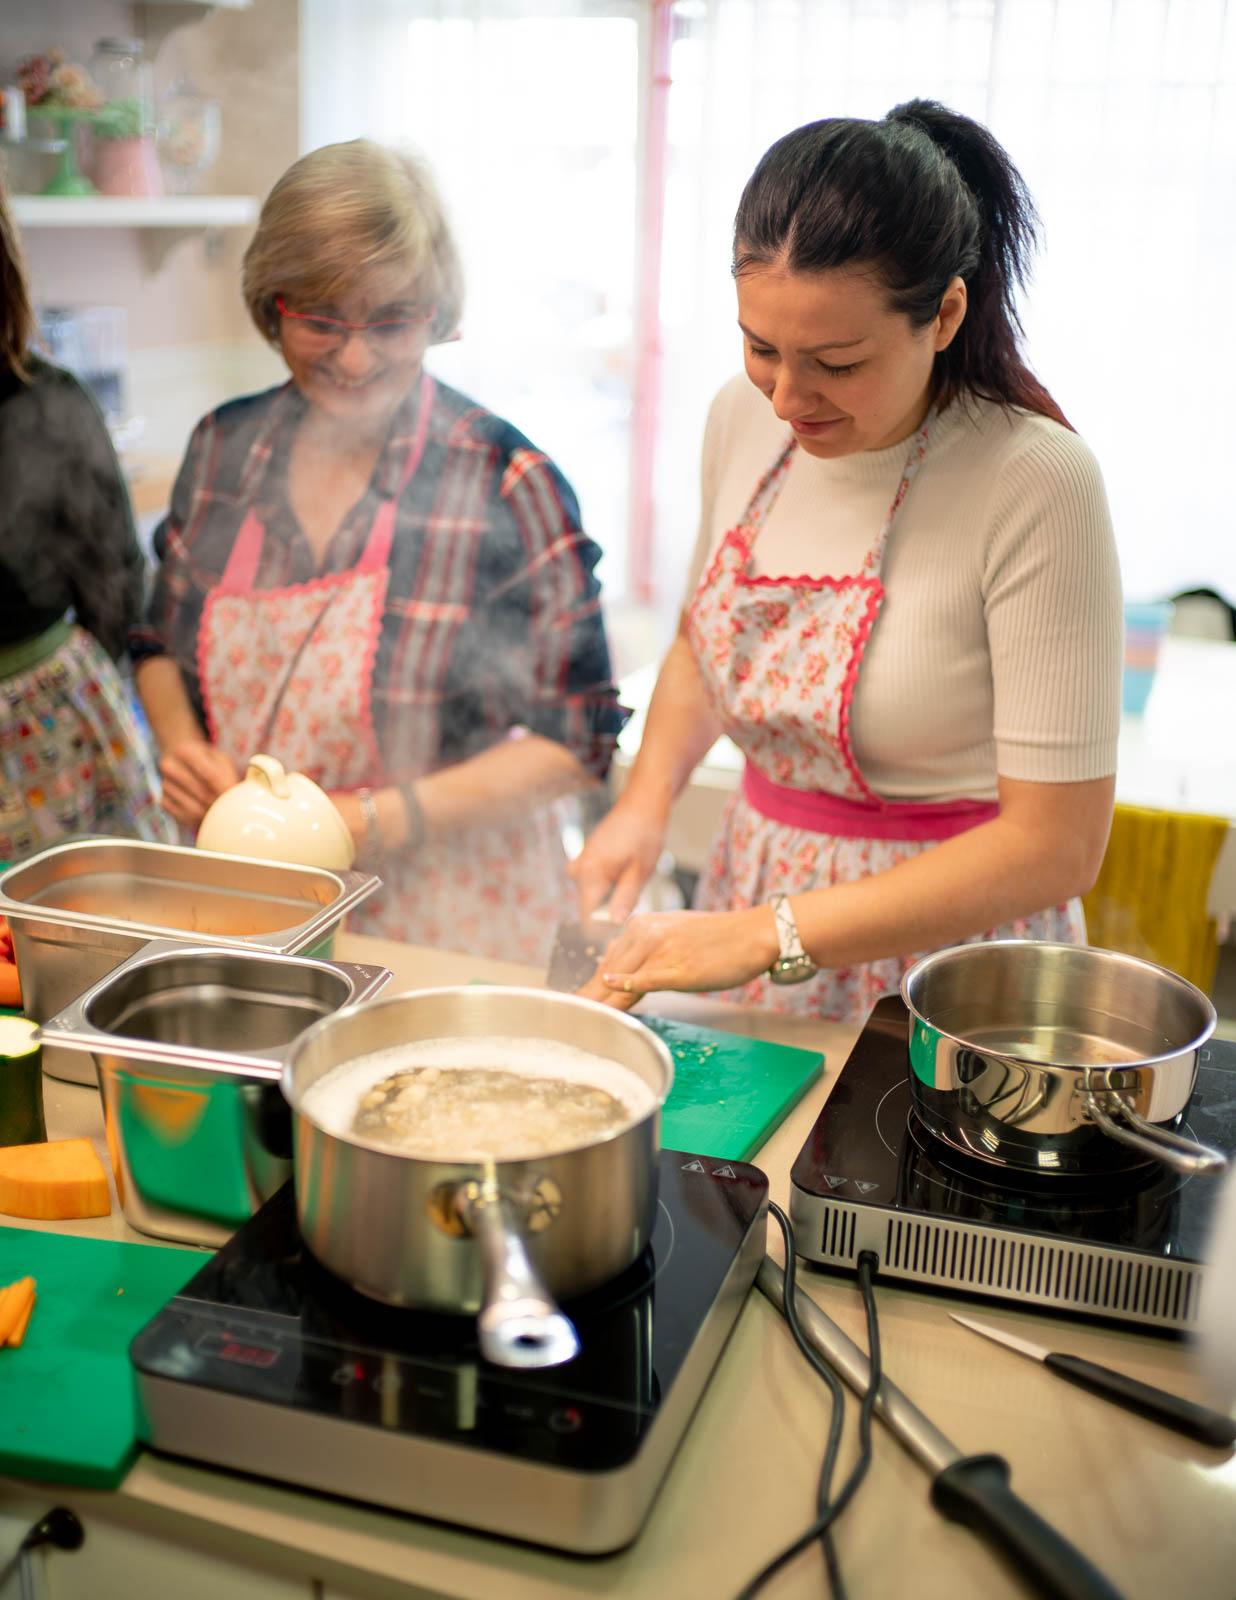 Curso de cocina en Madrid | próximas inscripciones